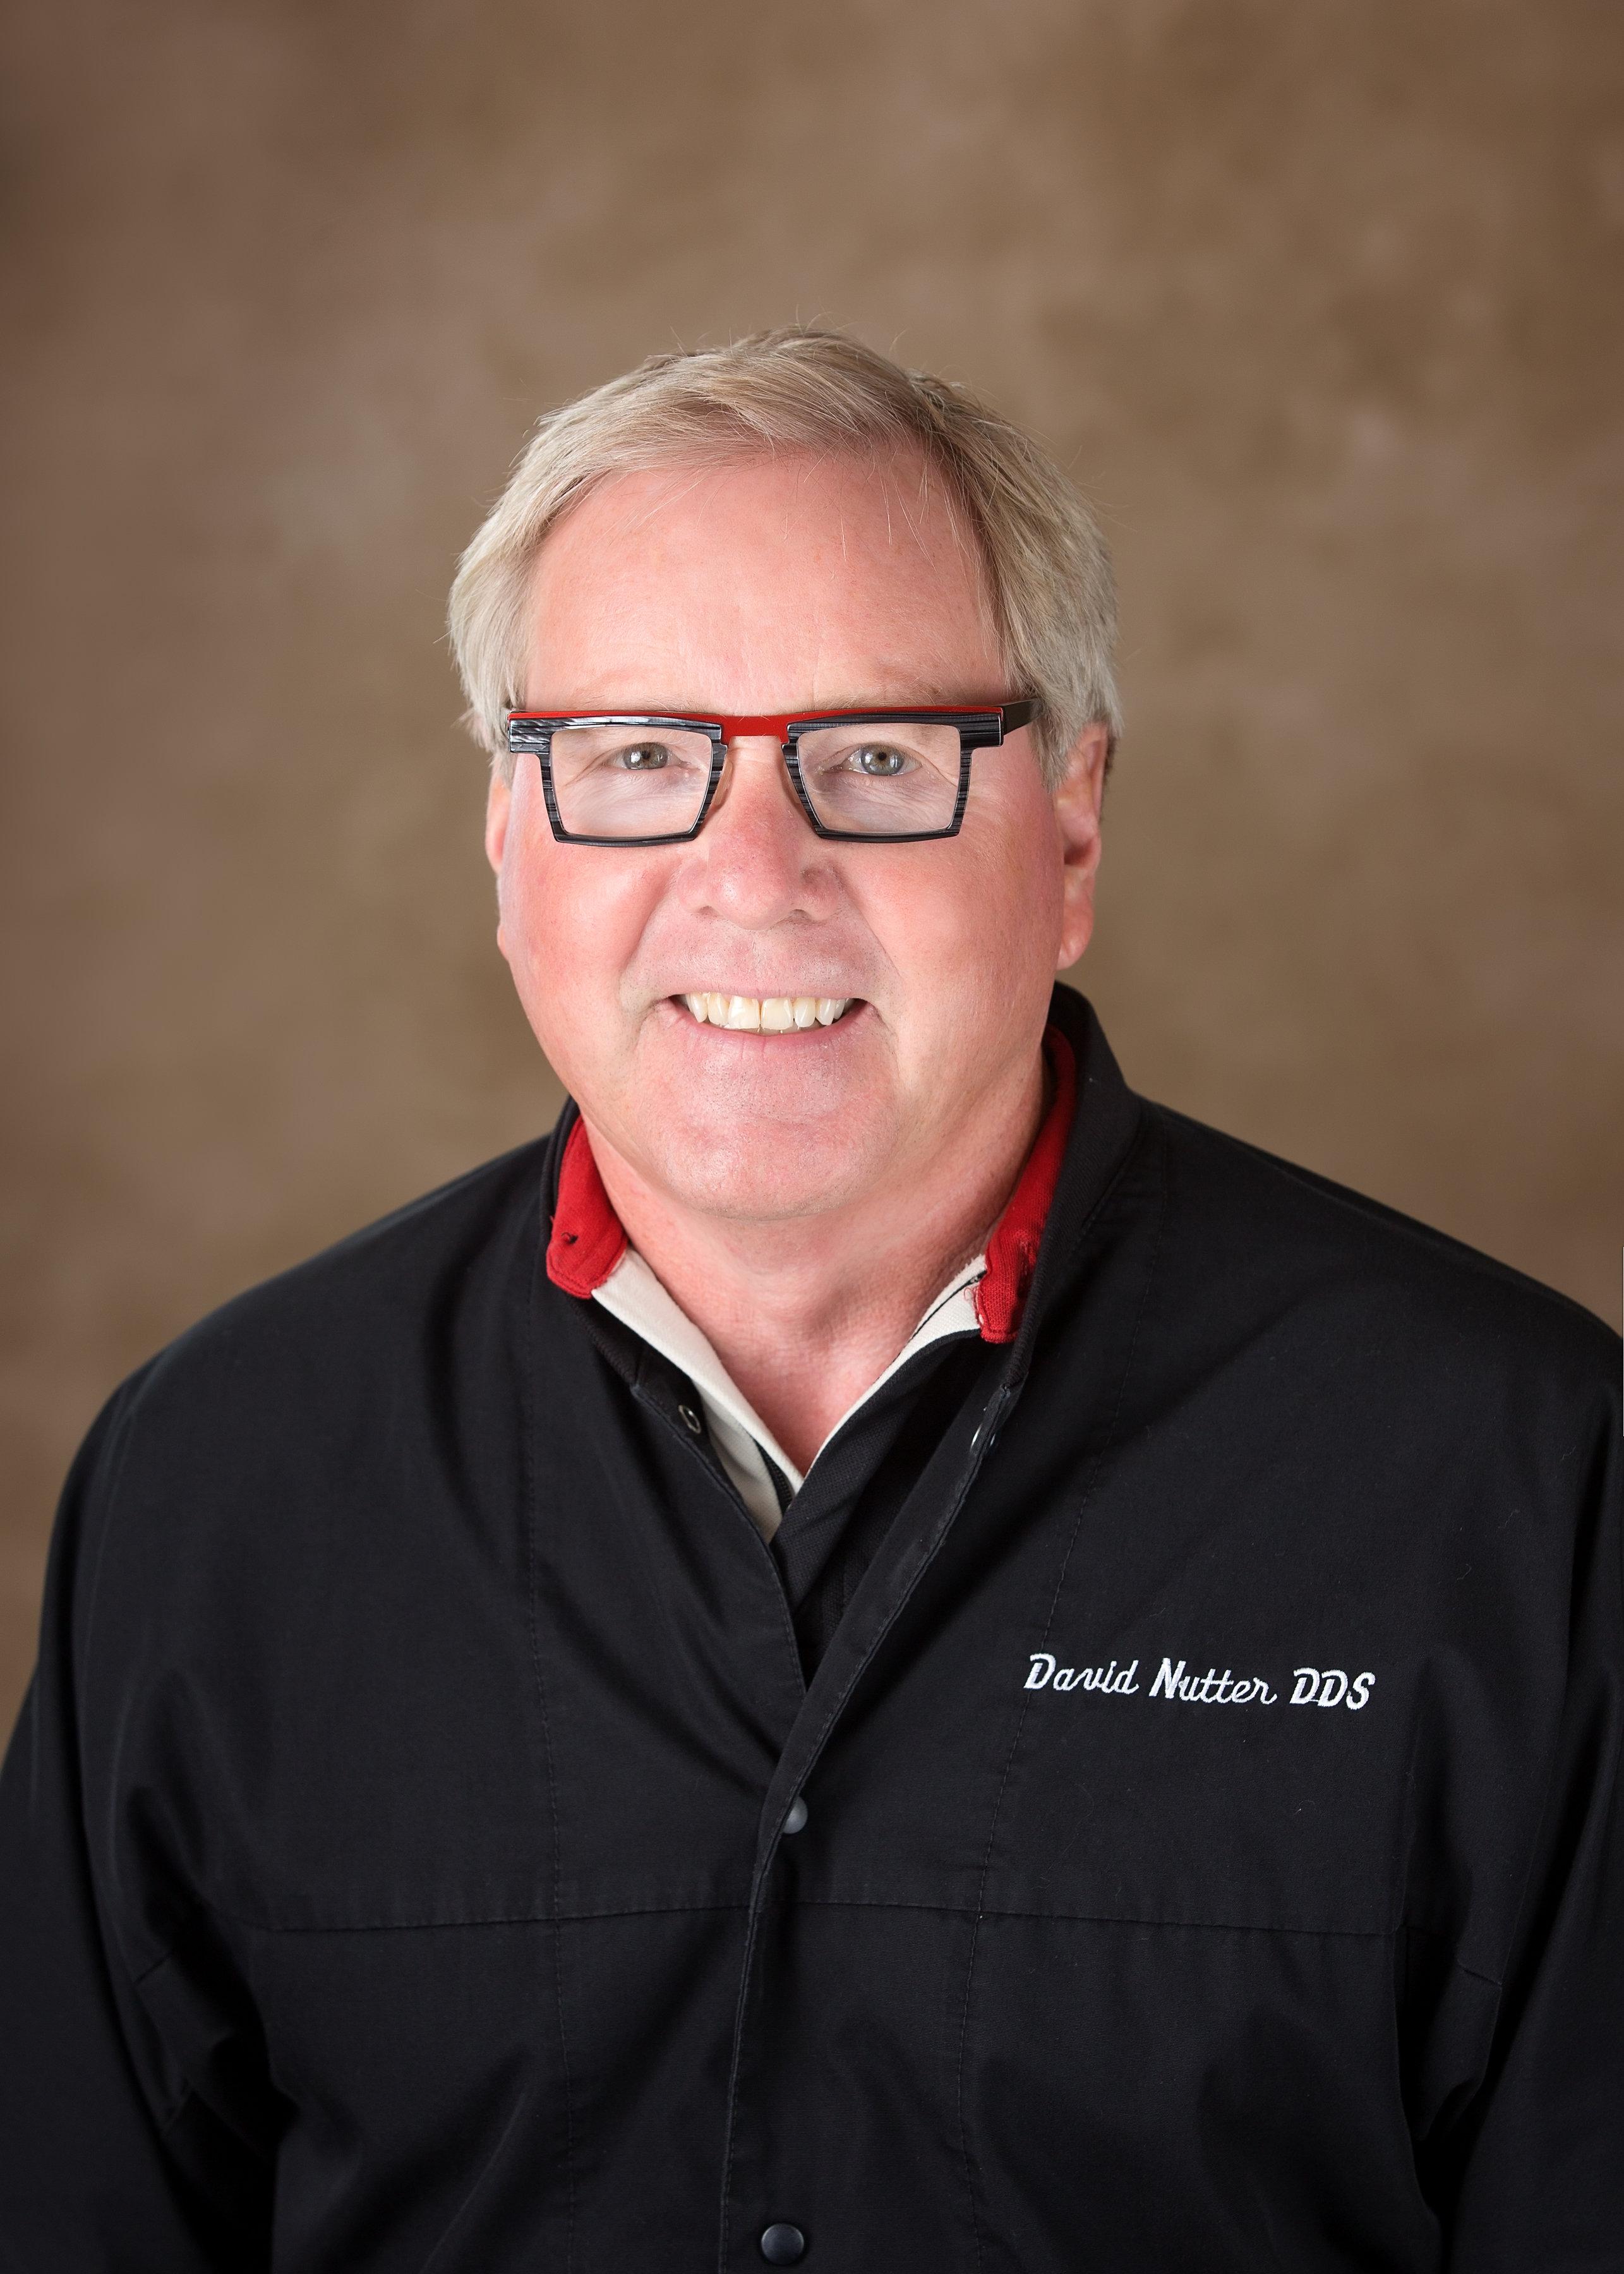 Dr. Dave Nutter